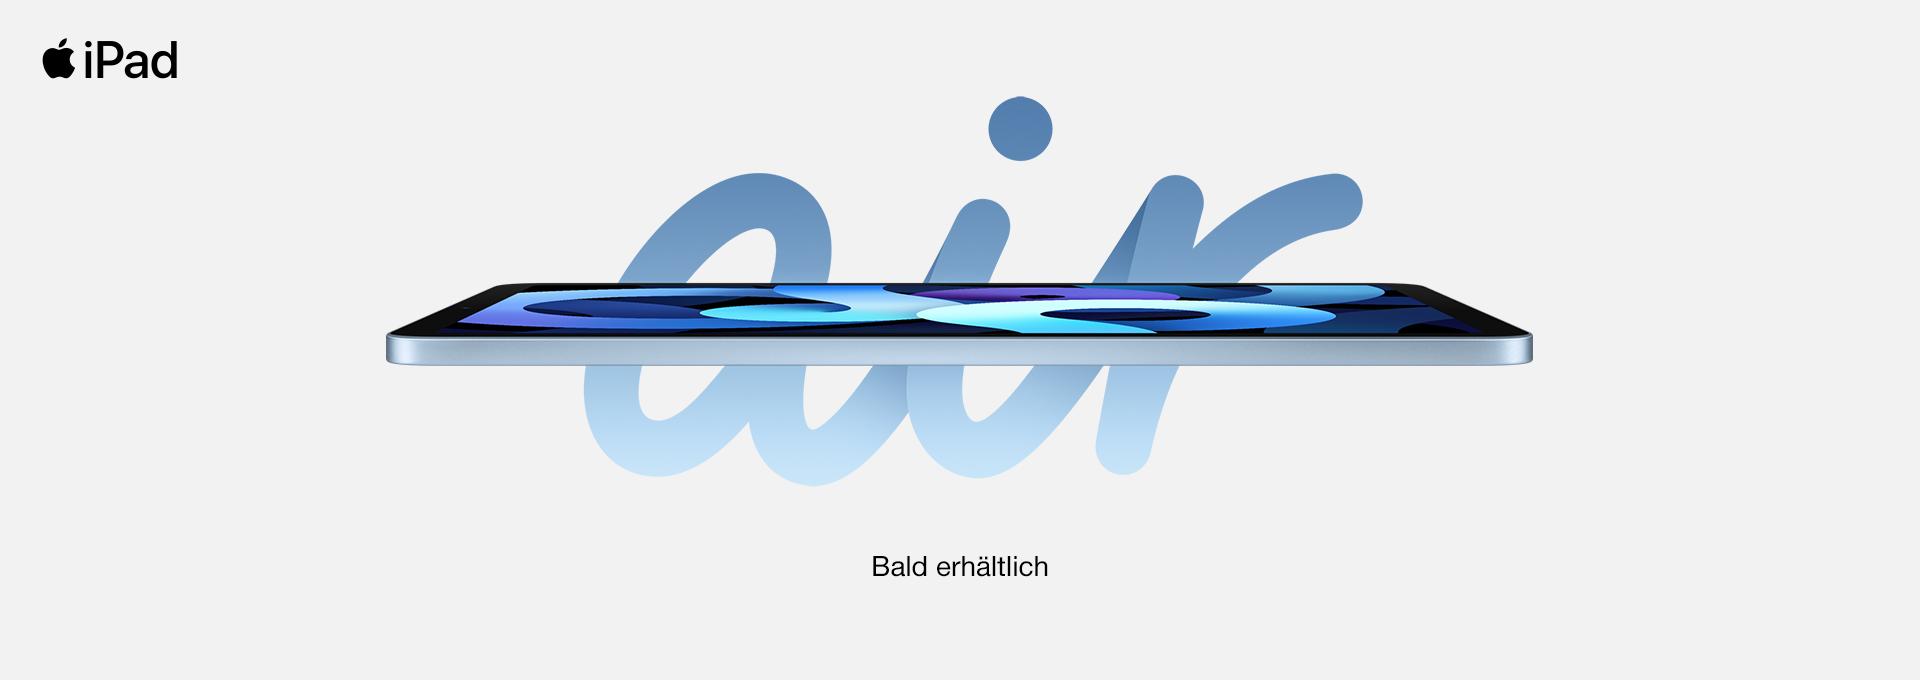 Jetzt Apple iPad Air kaufen